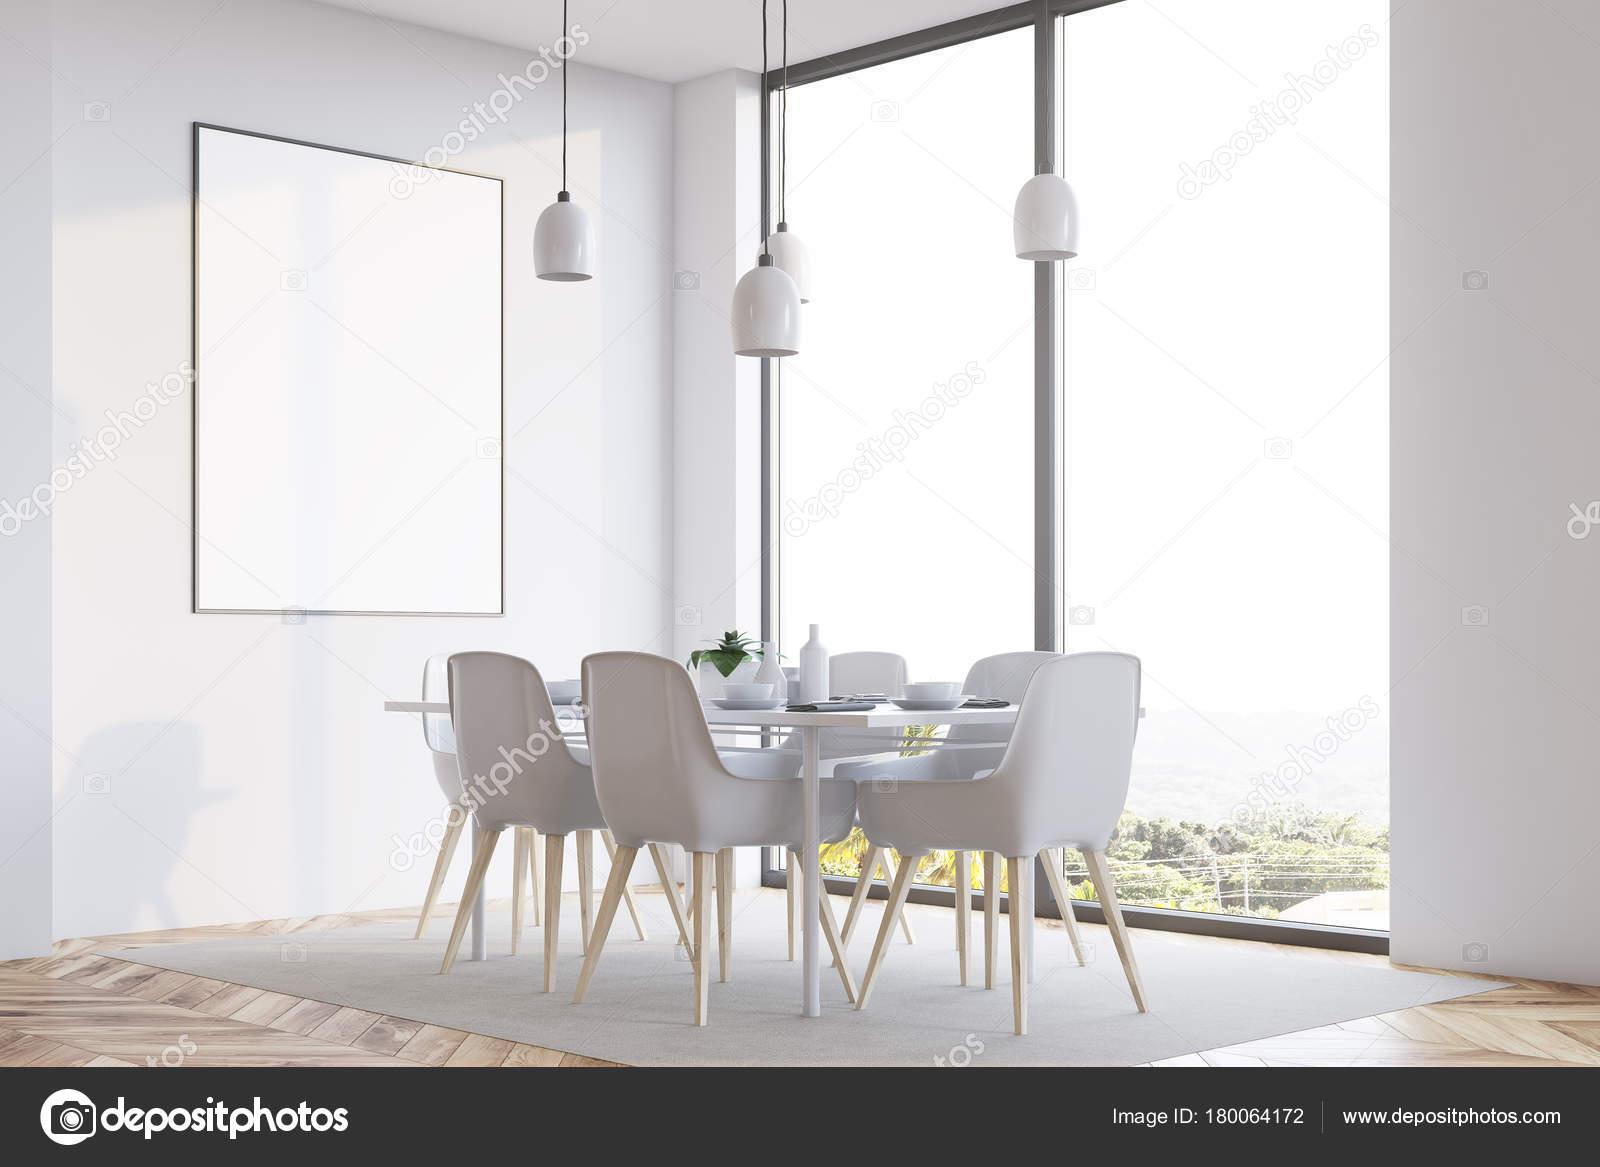 Weiße minimalistisch speisesaal corner plakat u2014 stockfoto